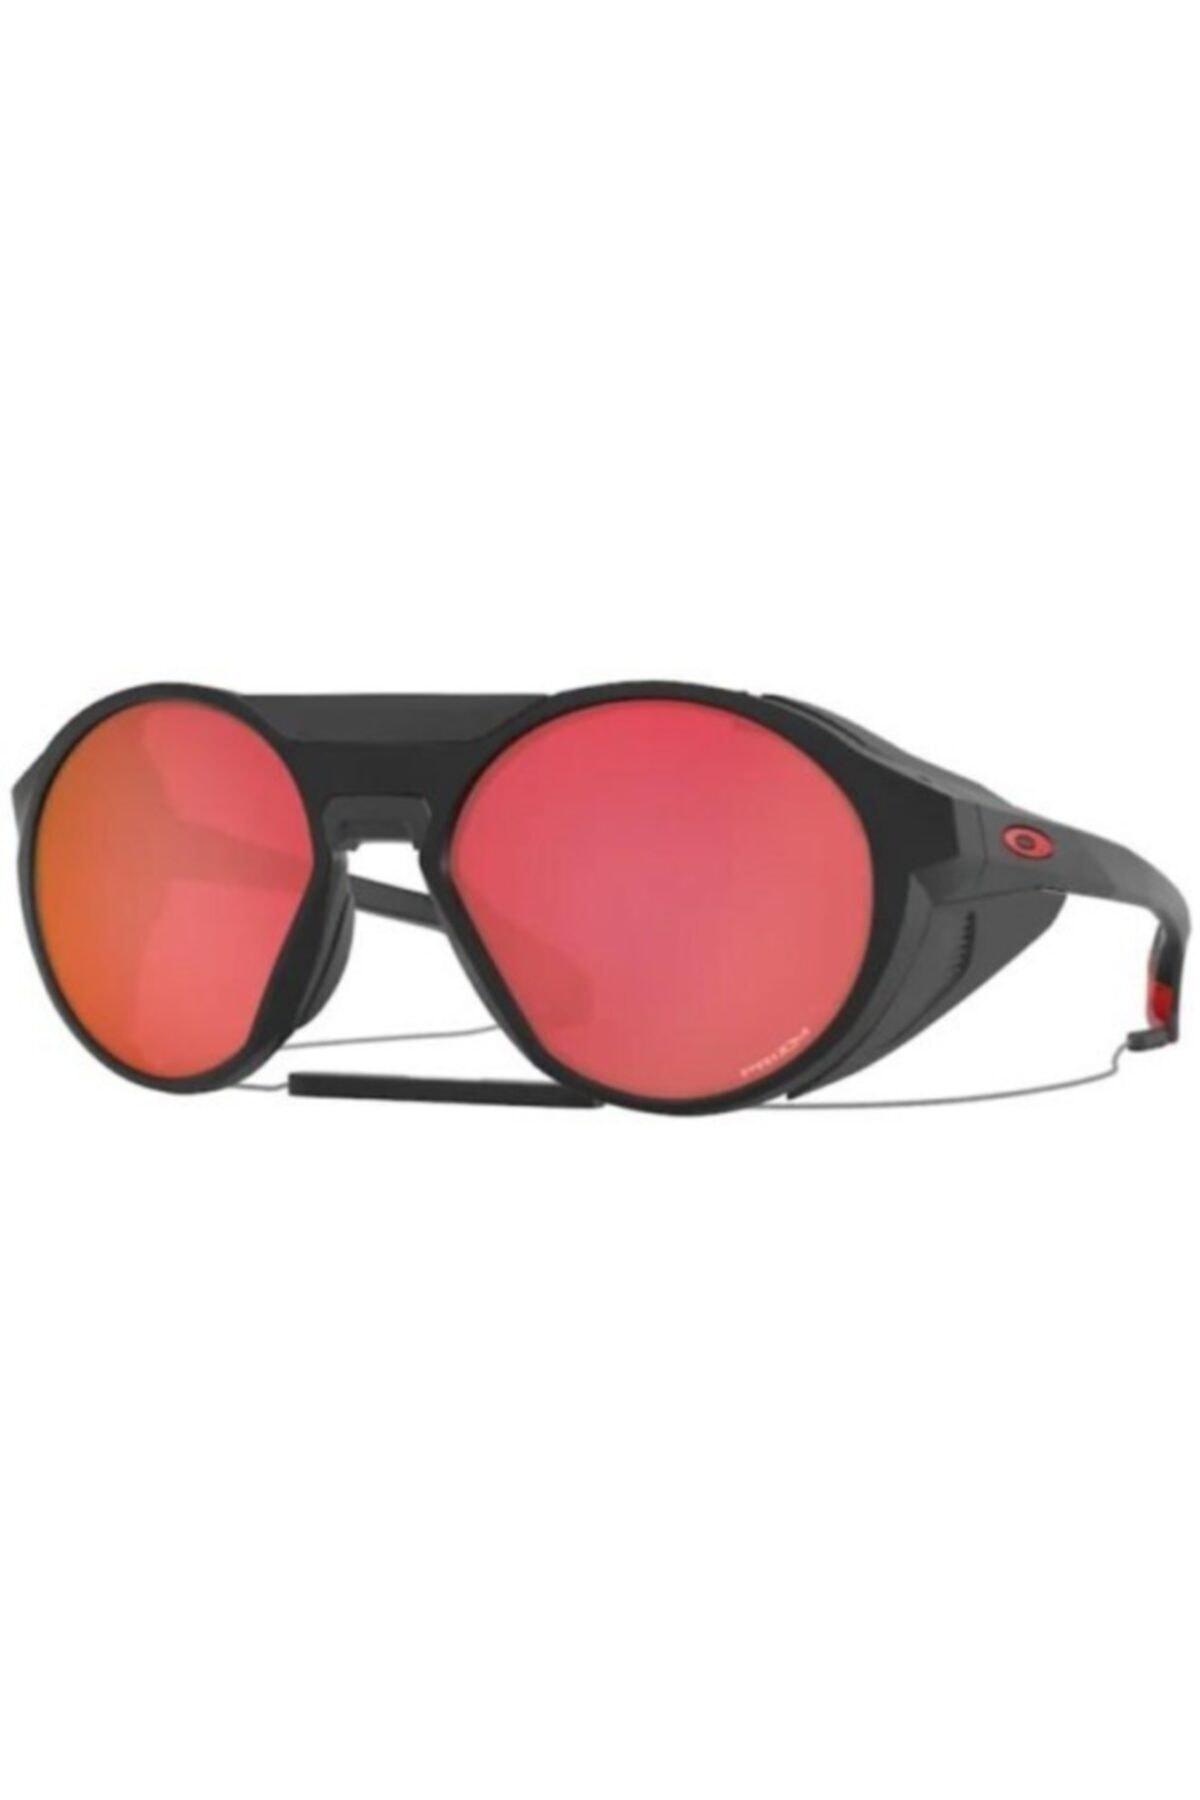 Oakley 9440 /03 Güneş Gözlüğü 1